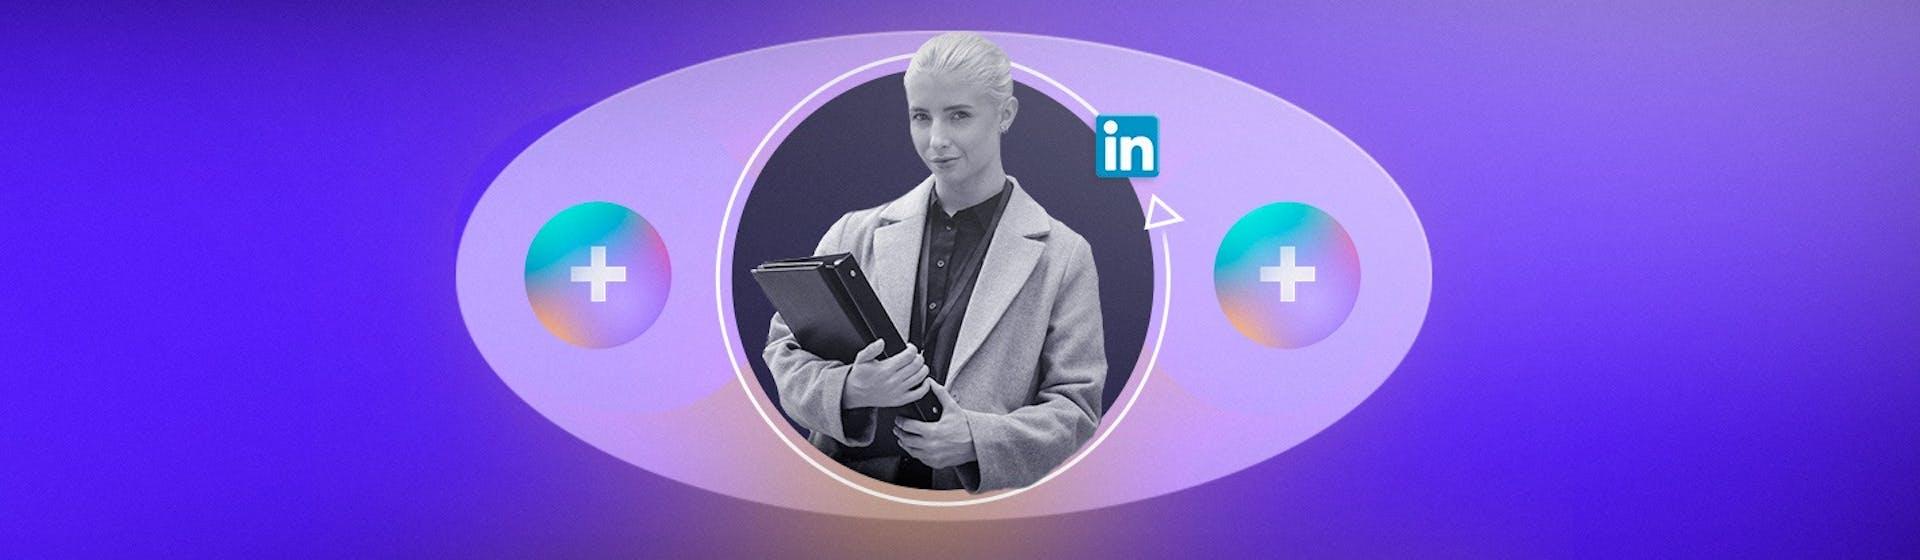 SEO en LinkedIn: controla el algoritmo ¡y verás llover ofertas de empleo!